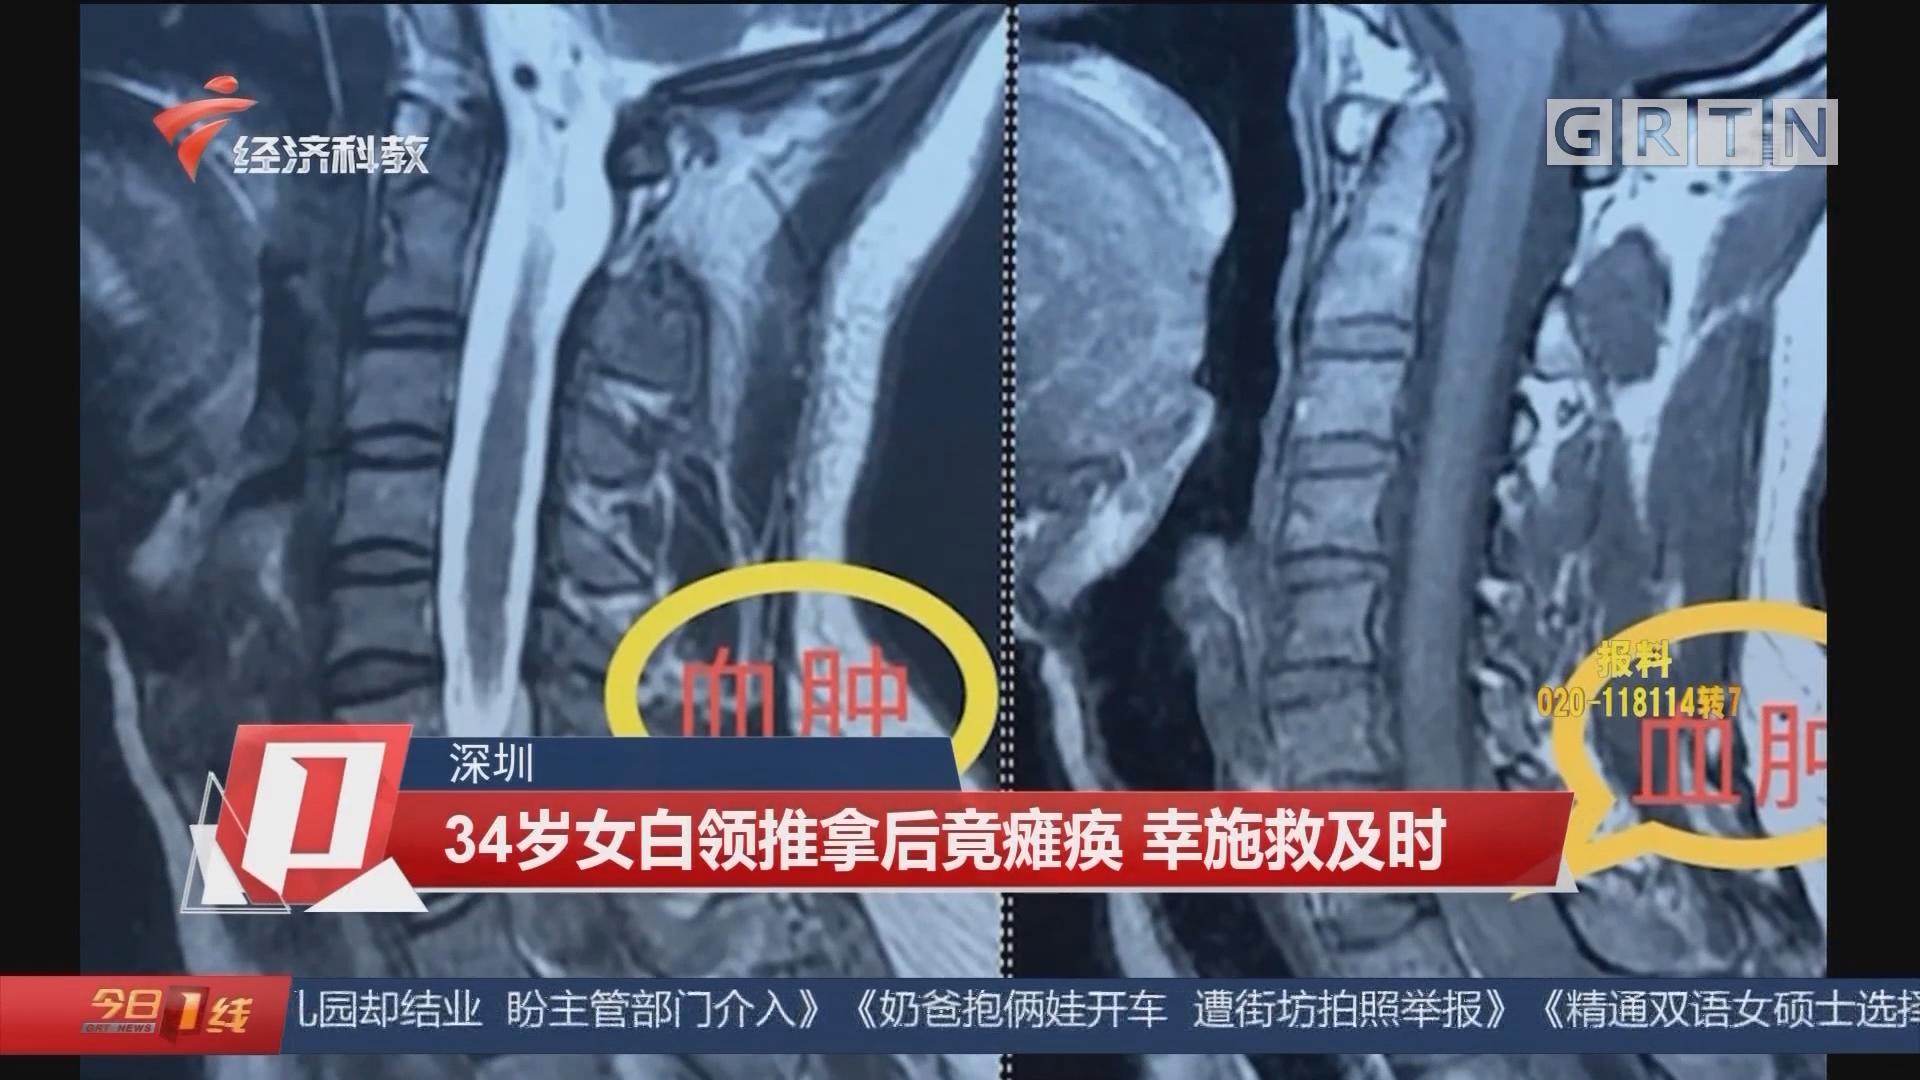 深圳 34歲女白領推拿后竟癱瘓 幸施救及時